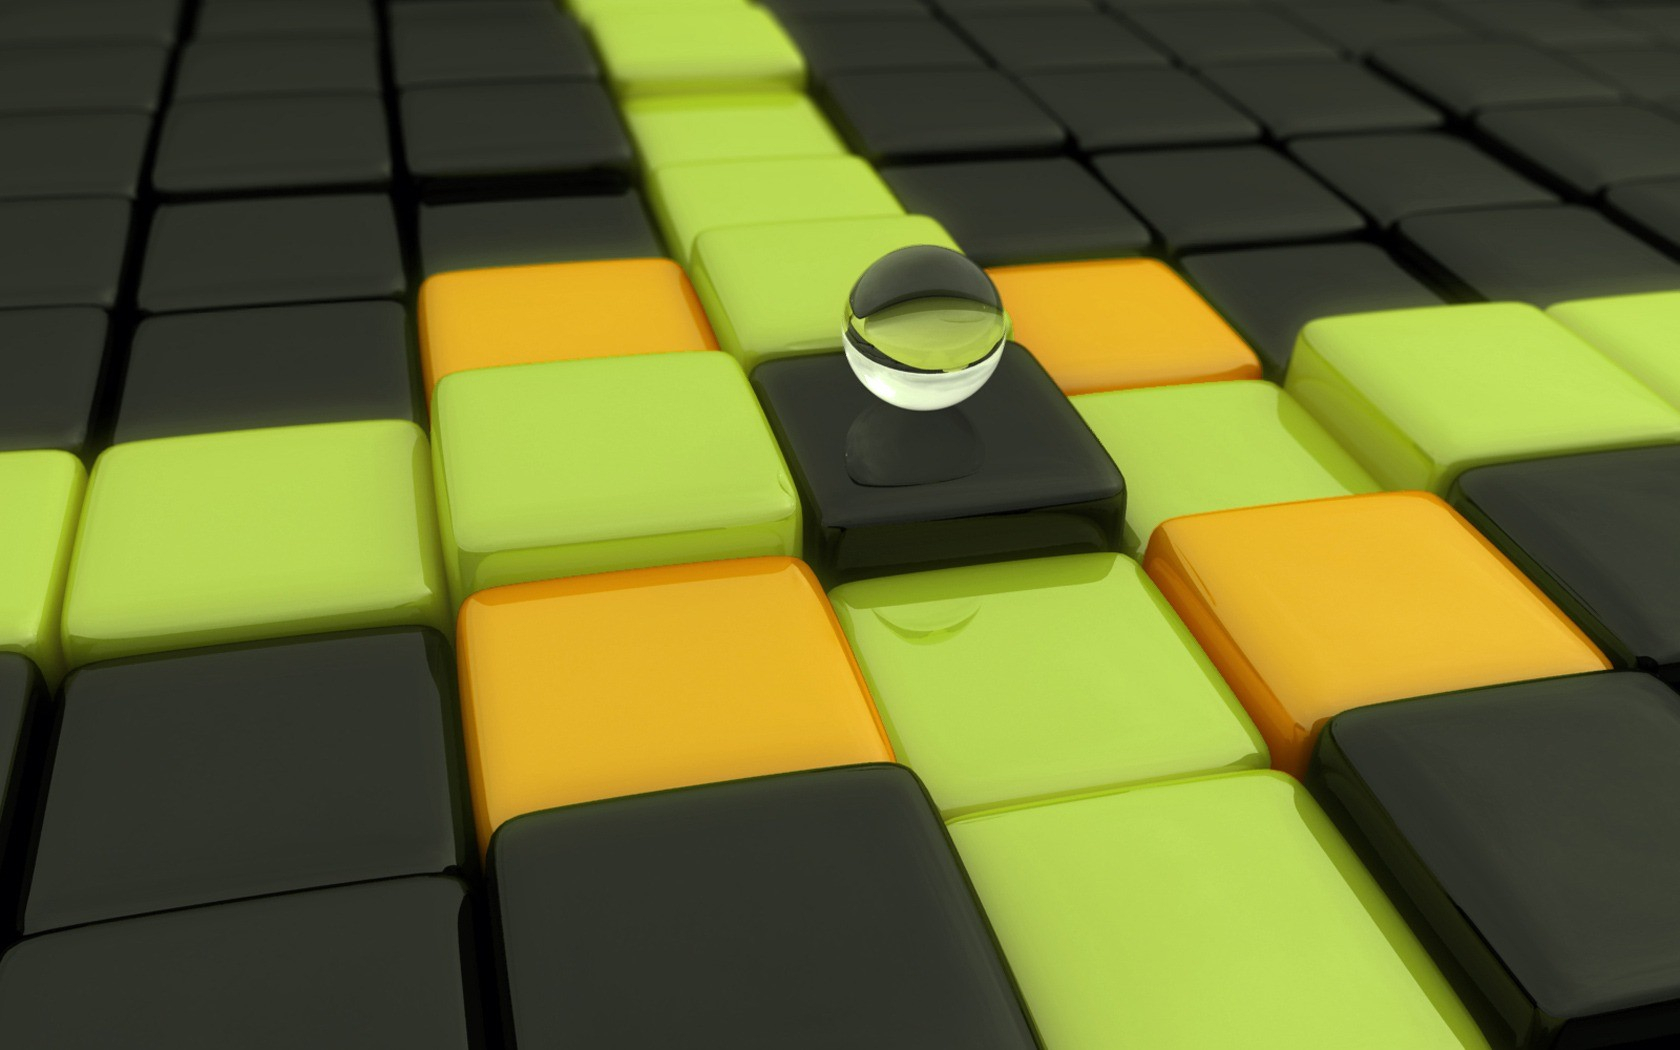 форумах самогонщиков необычные картинки квадрат узоры, насыщенные цвета